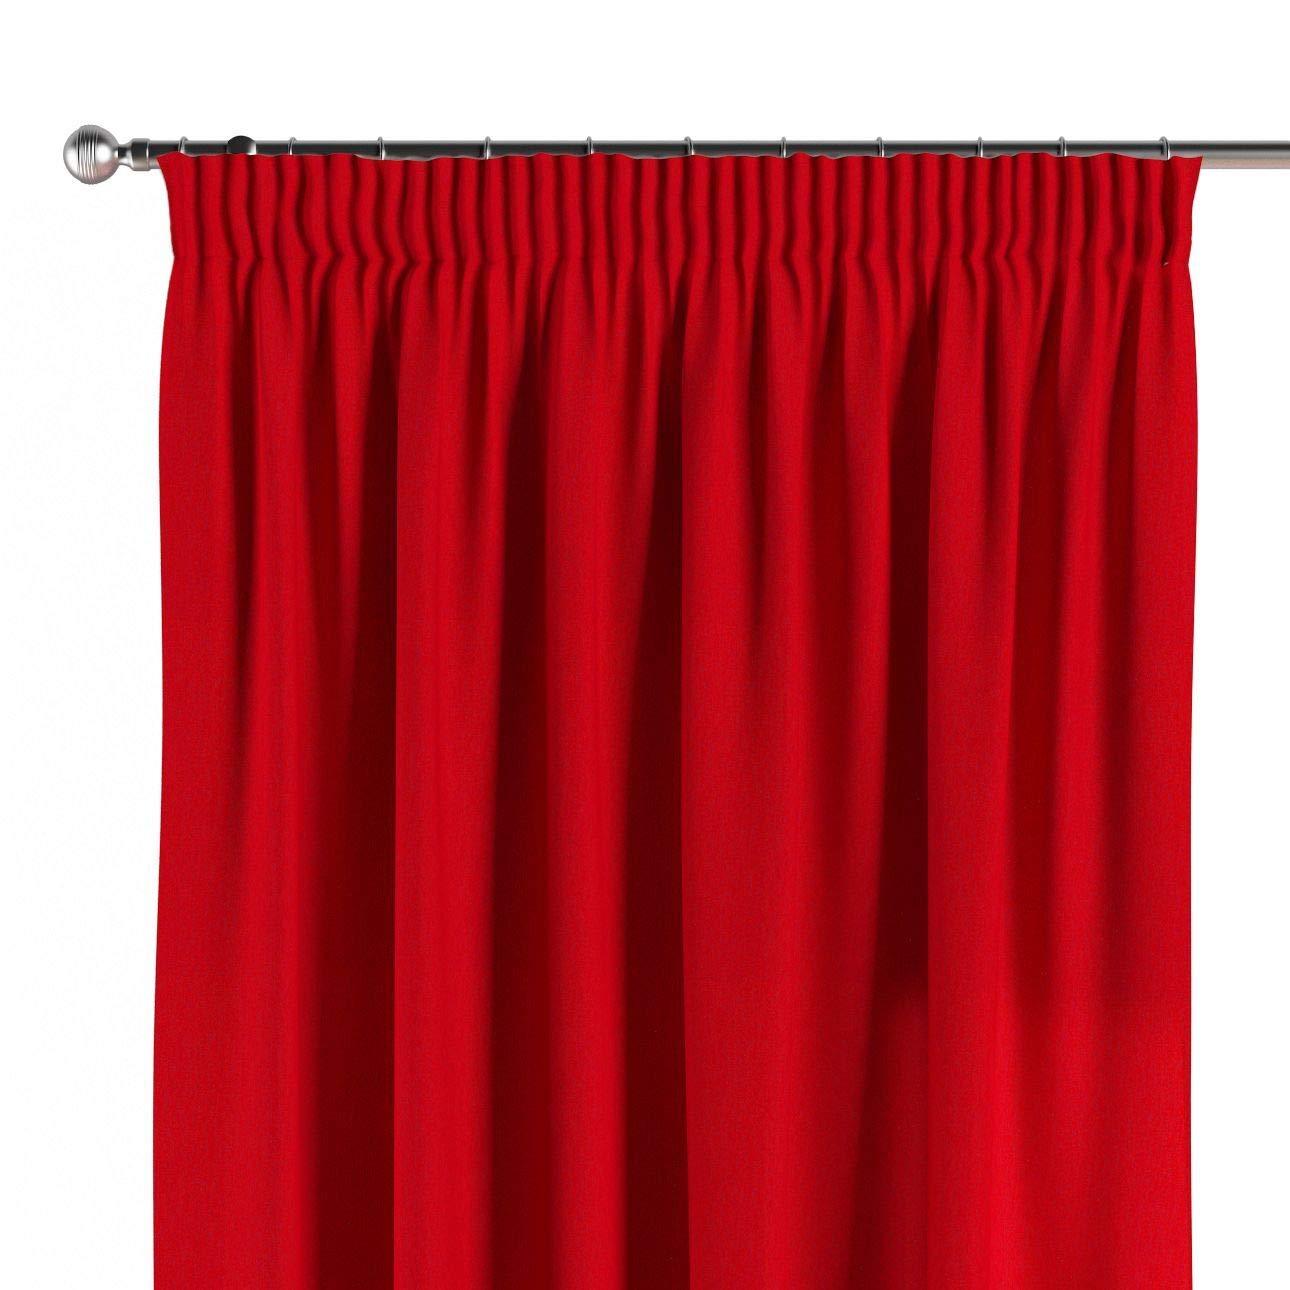 Dekoria Vorhang mit Kräuselband Dekoschal Blickdicht 1 Stck. 130 × 260 cm rot Maßanfertigung möglich